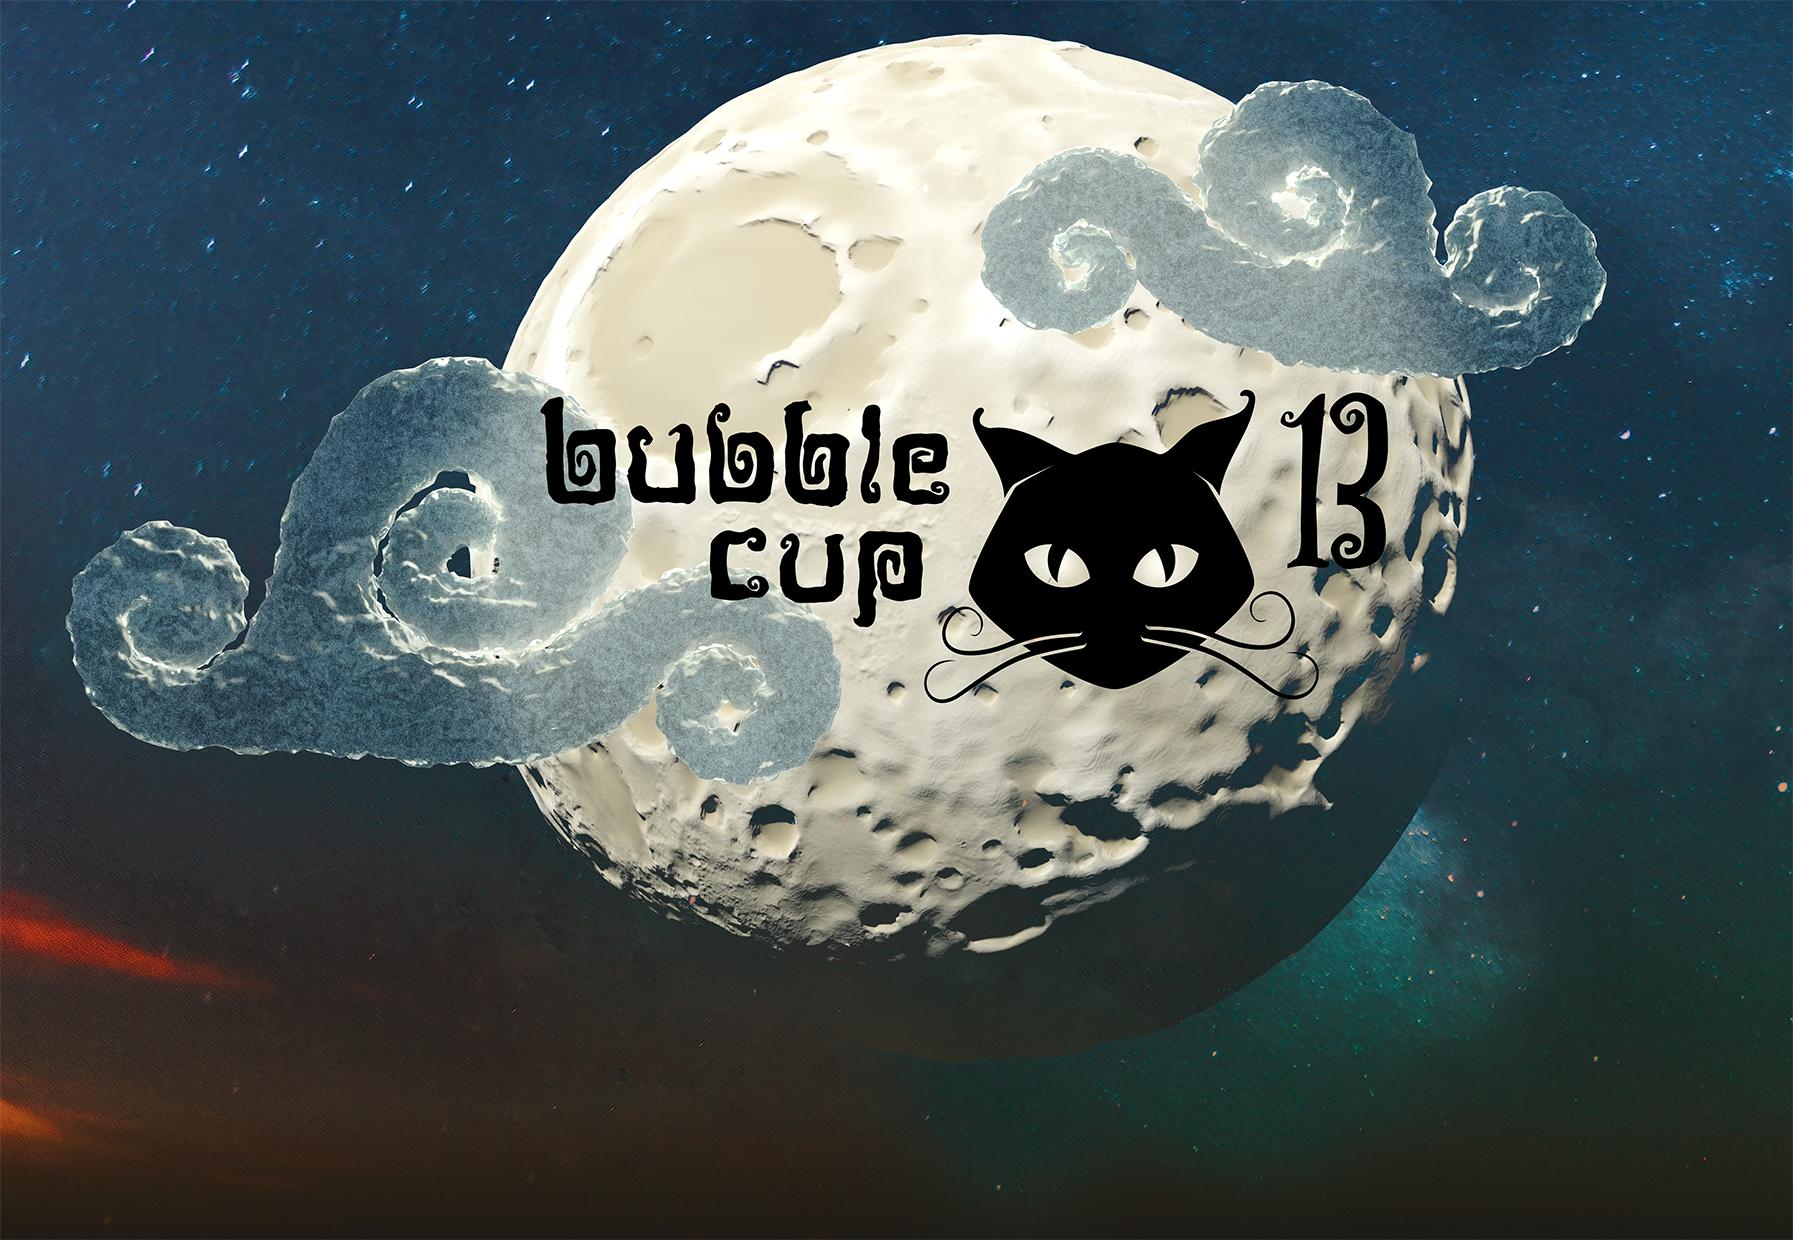 (c) Bubblecup.org